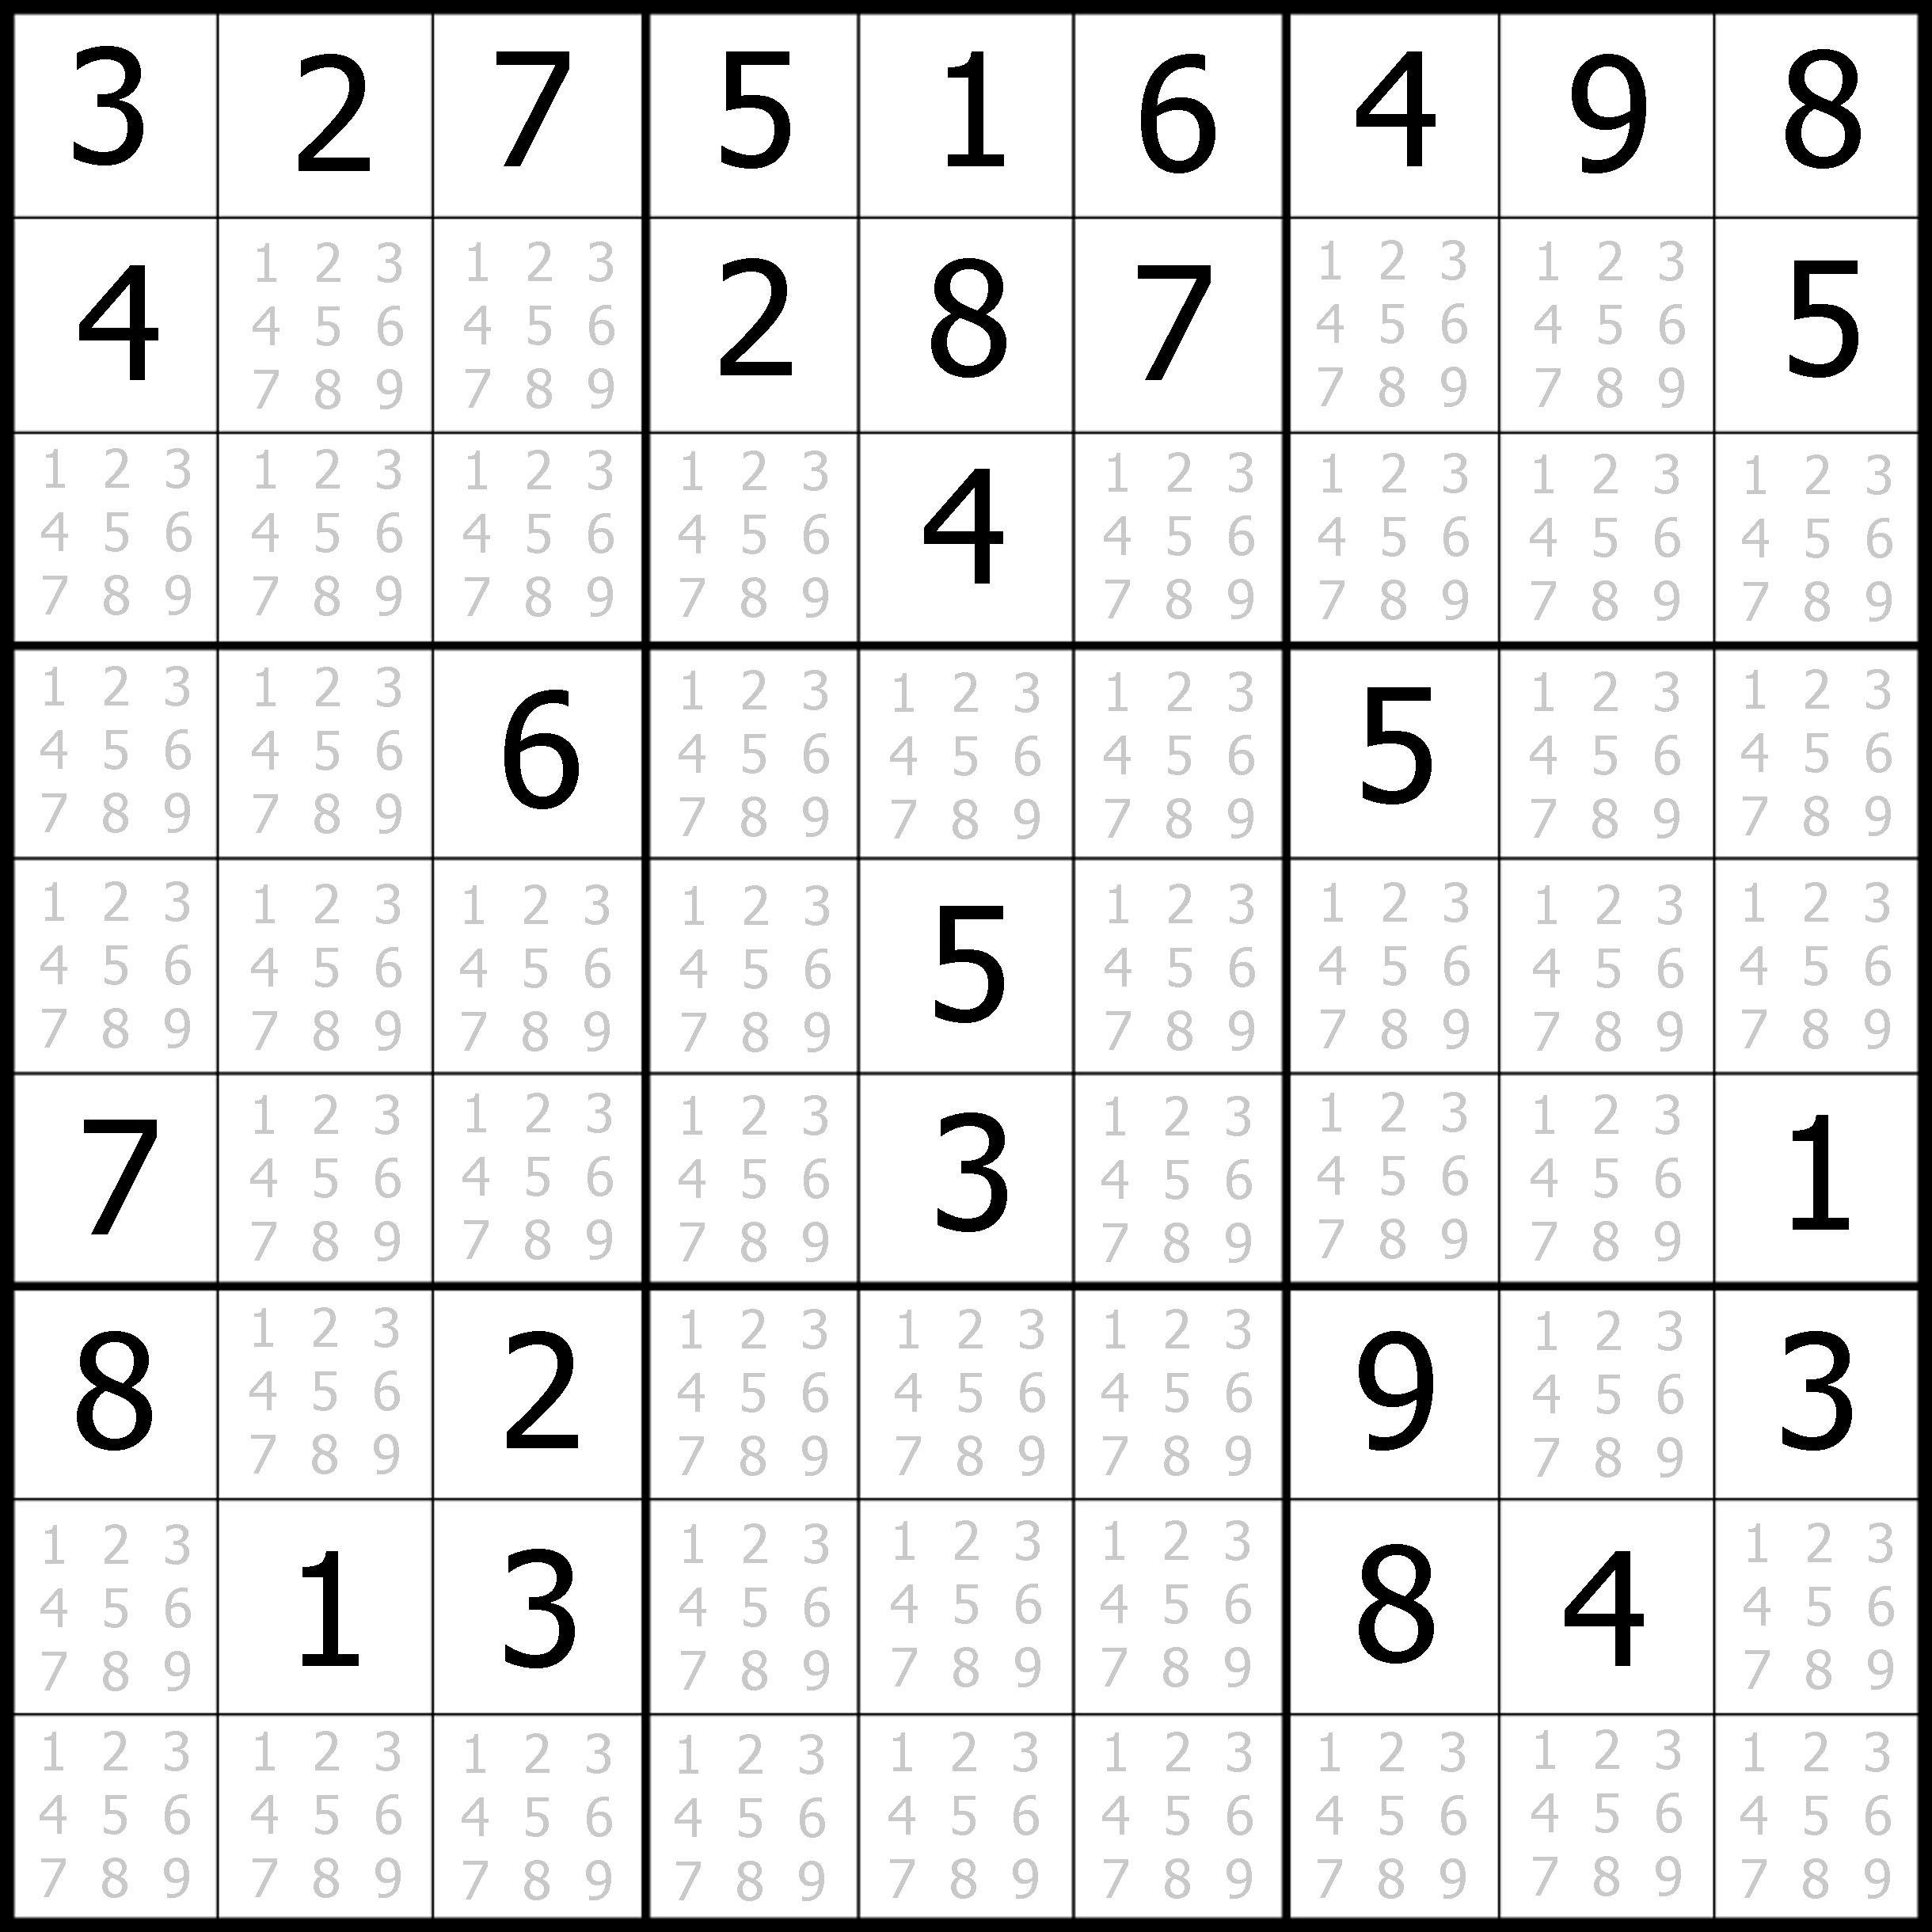 Sudoku Printable | Free, Medium, Printable Sudoku Puzzle #1 | My - Free Printable Sudoku Puzzles